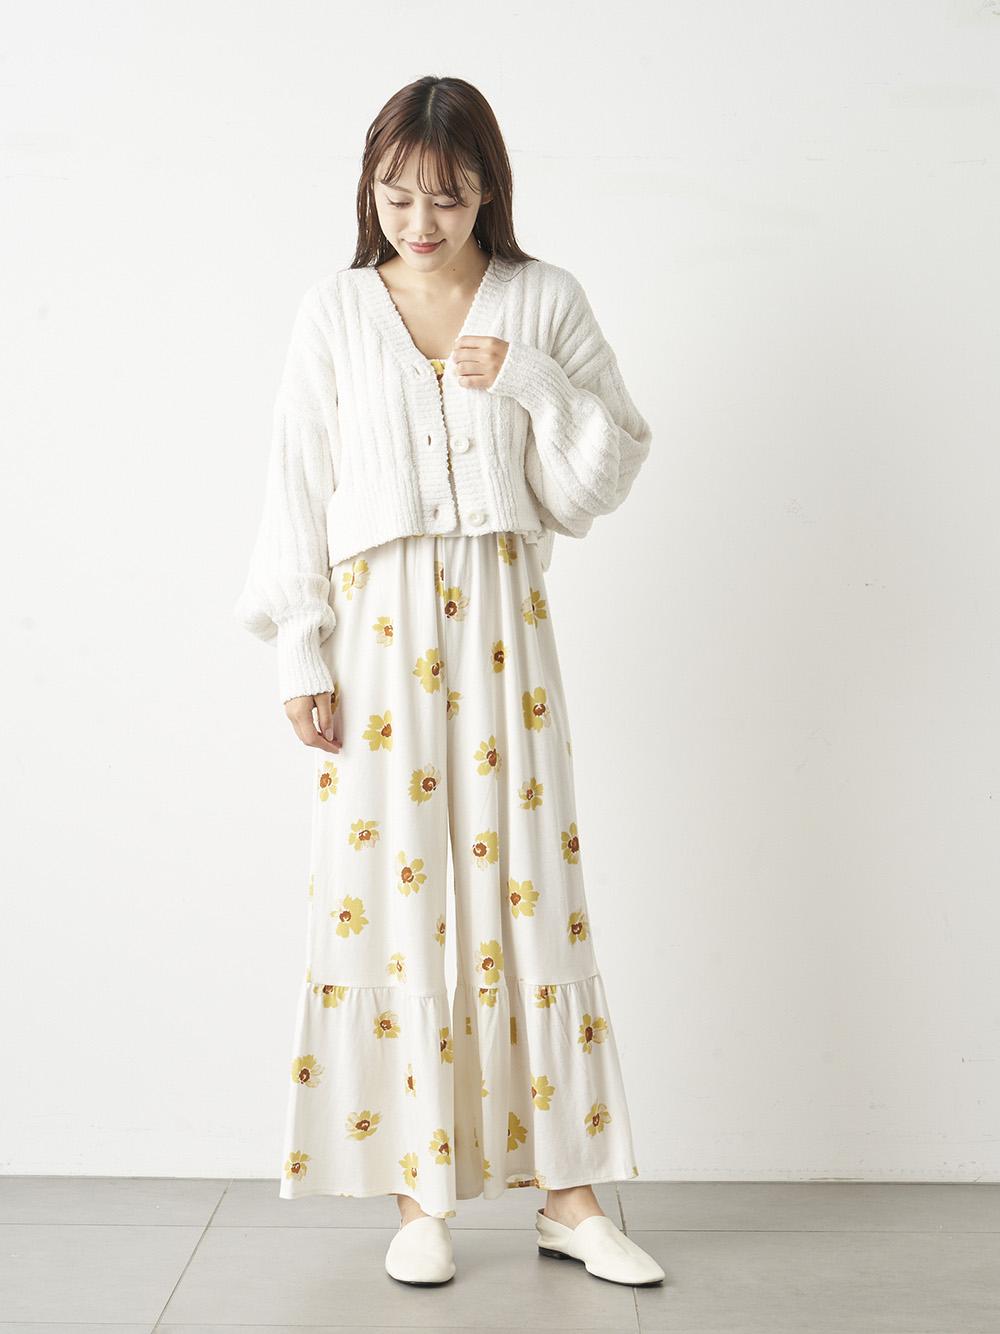 ペイントフラワーロングスリーブドレス   PWCO211235